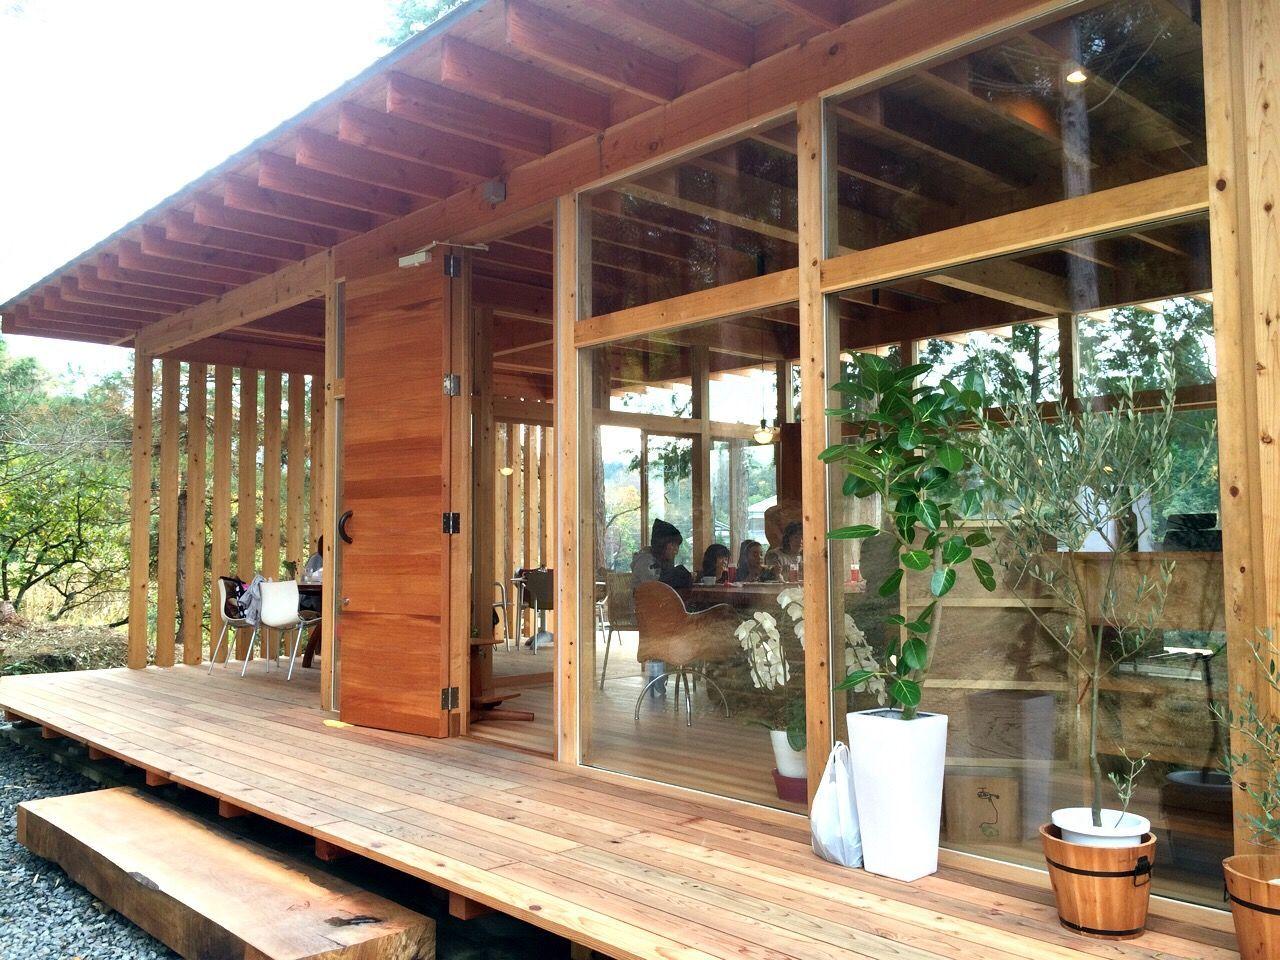 木造 ガラス張り の画像検索結果 建築計画 ガラス張り 木造建築